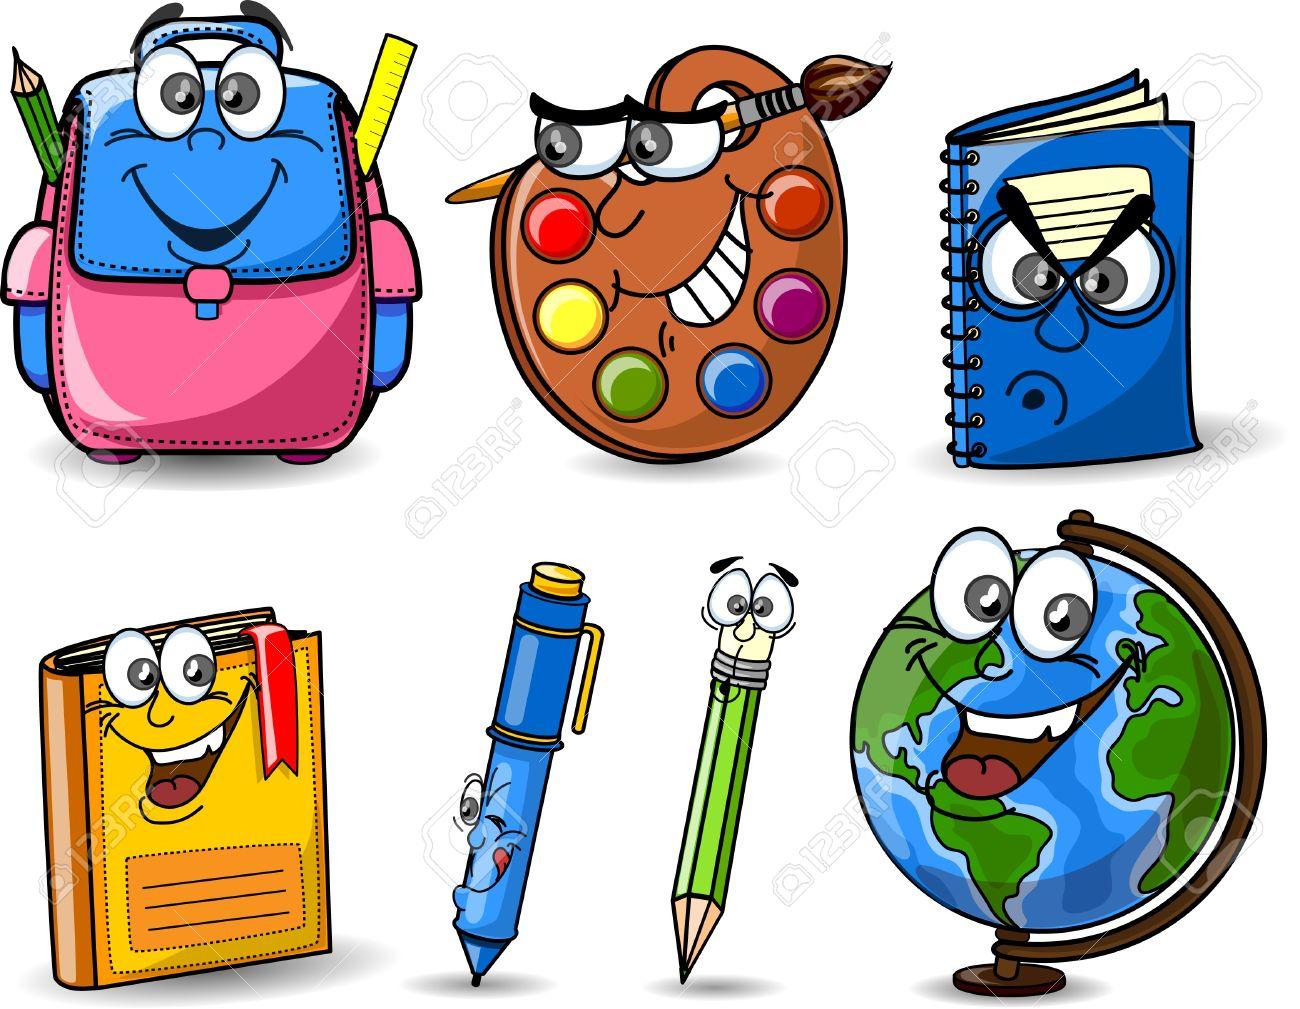 Dibujos Bolsas Escolares, Lápices, Libros, Cuadernos Ilustraciones ...